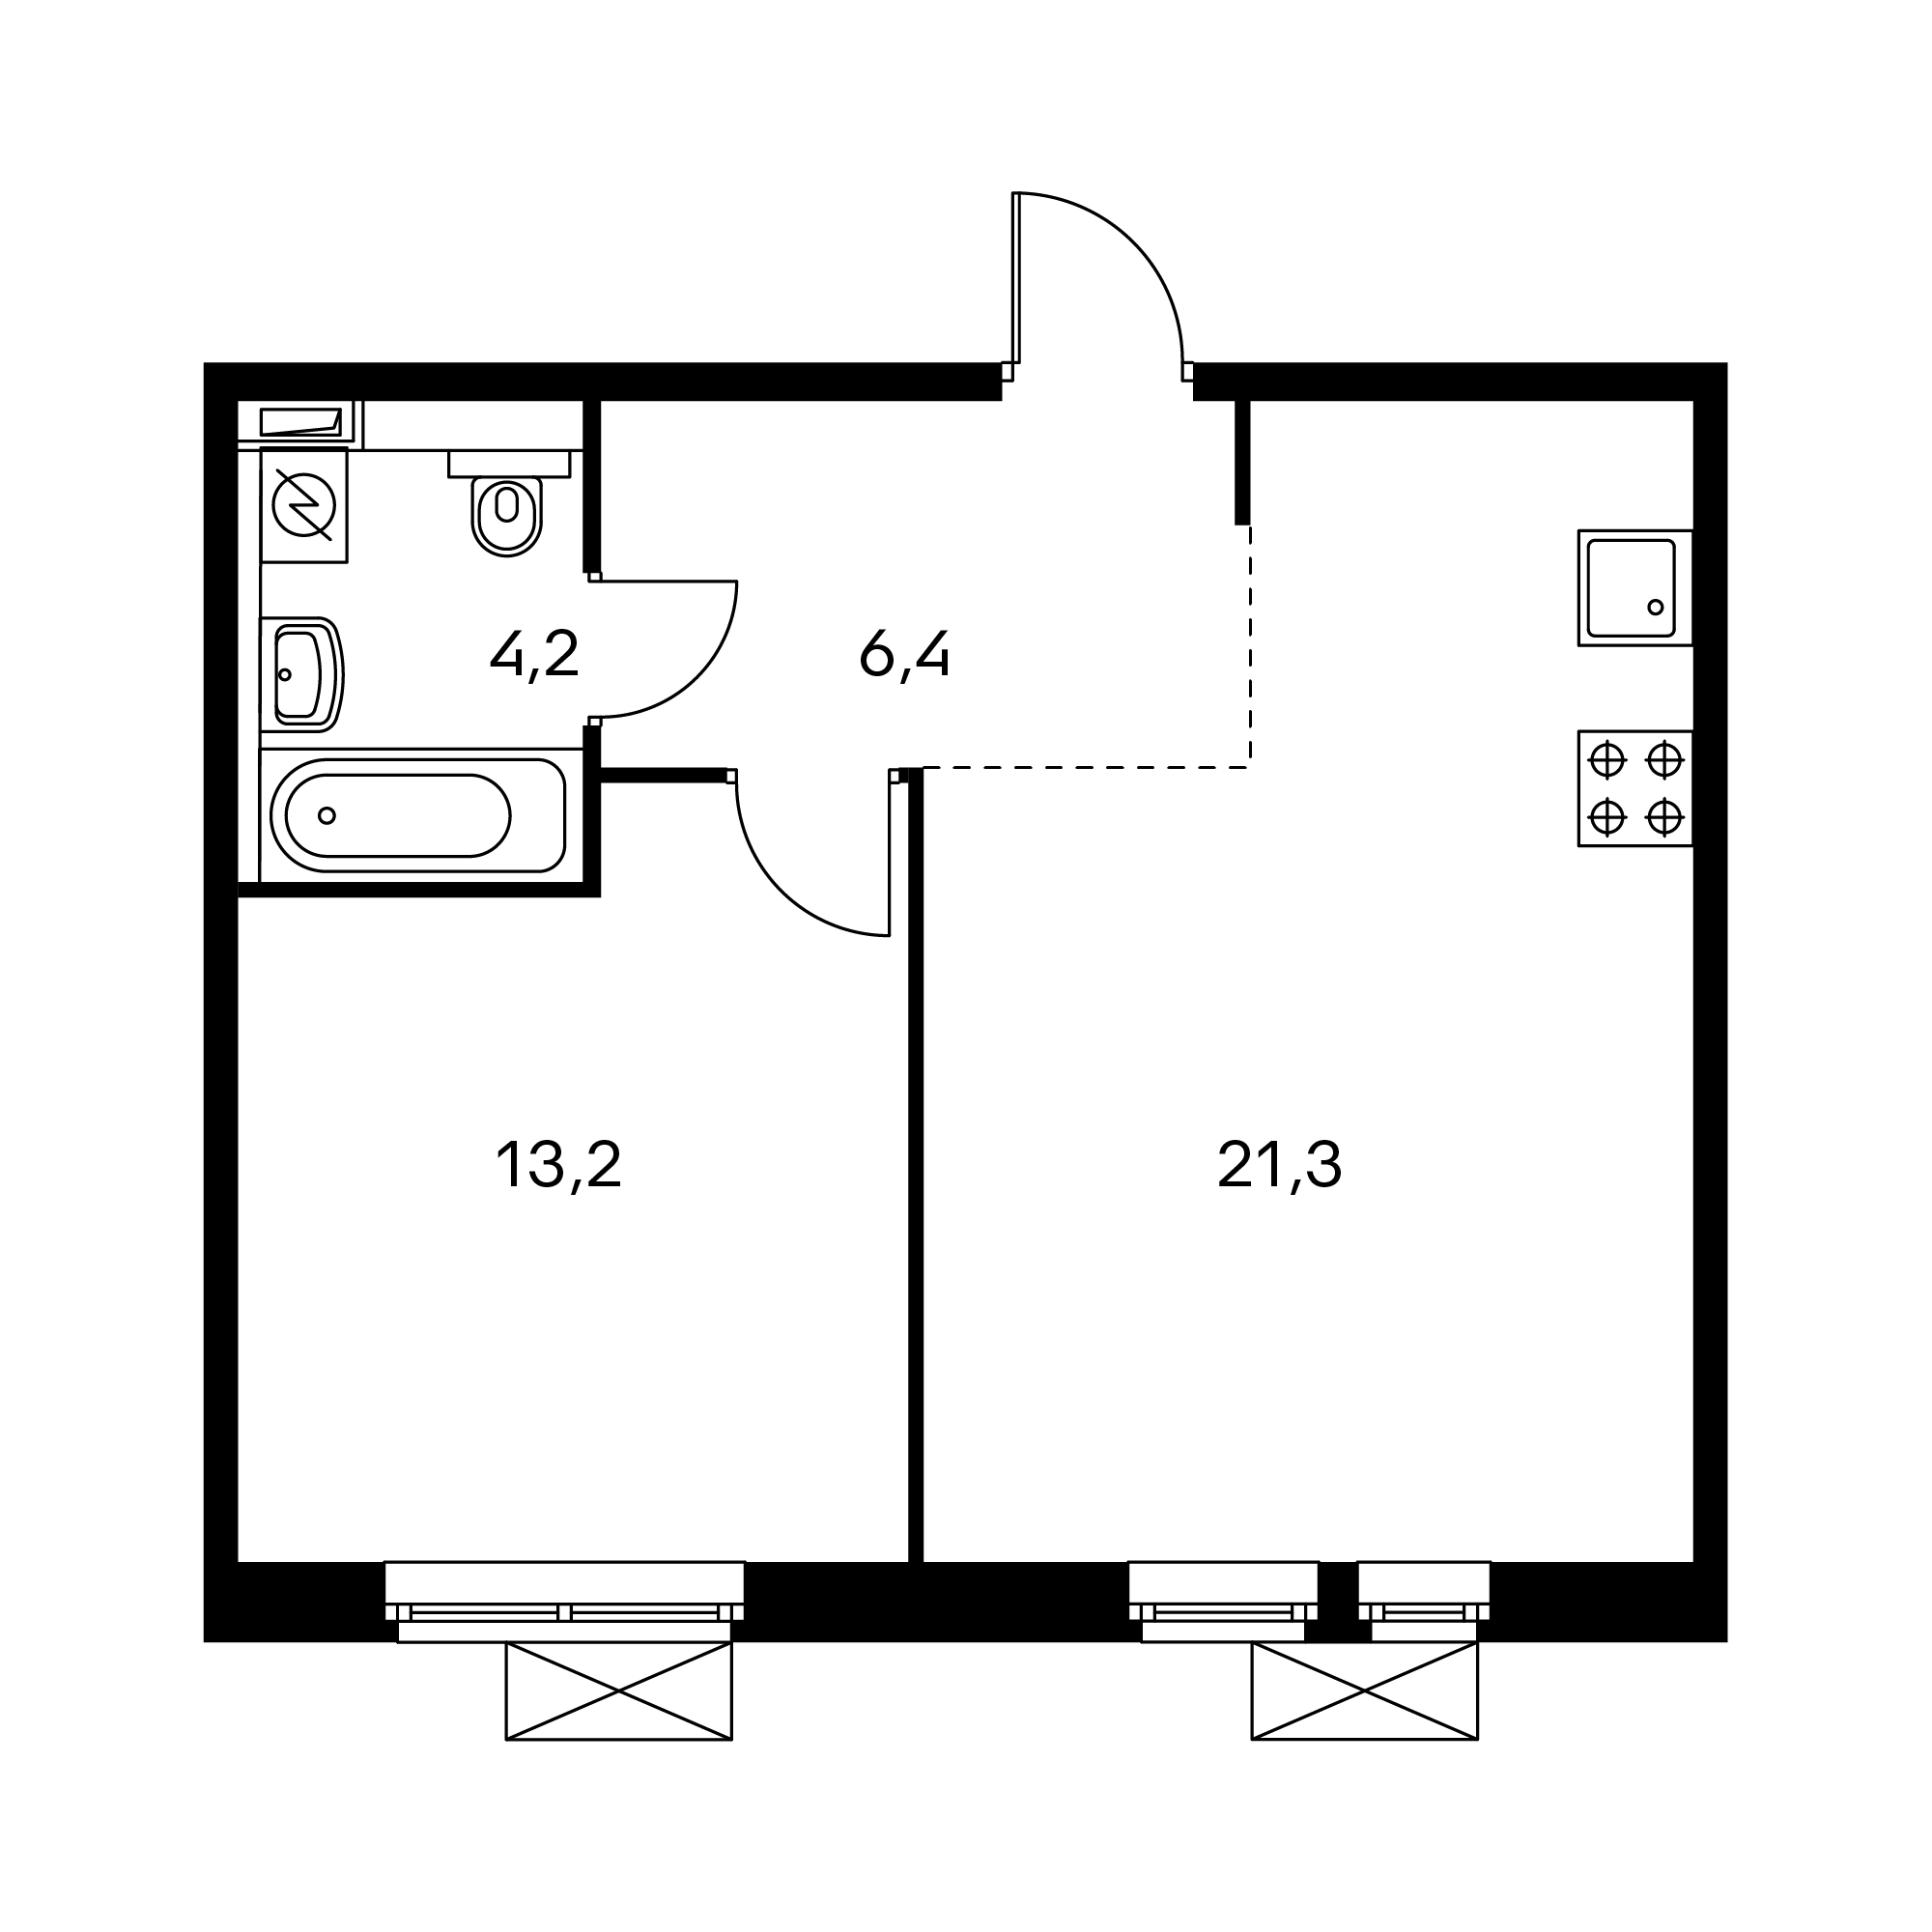 1EL4_7.8-1_S_A